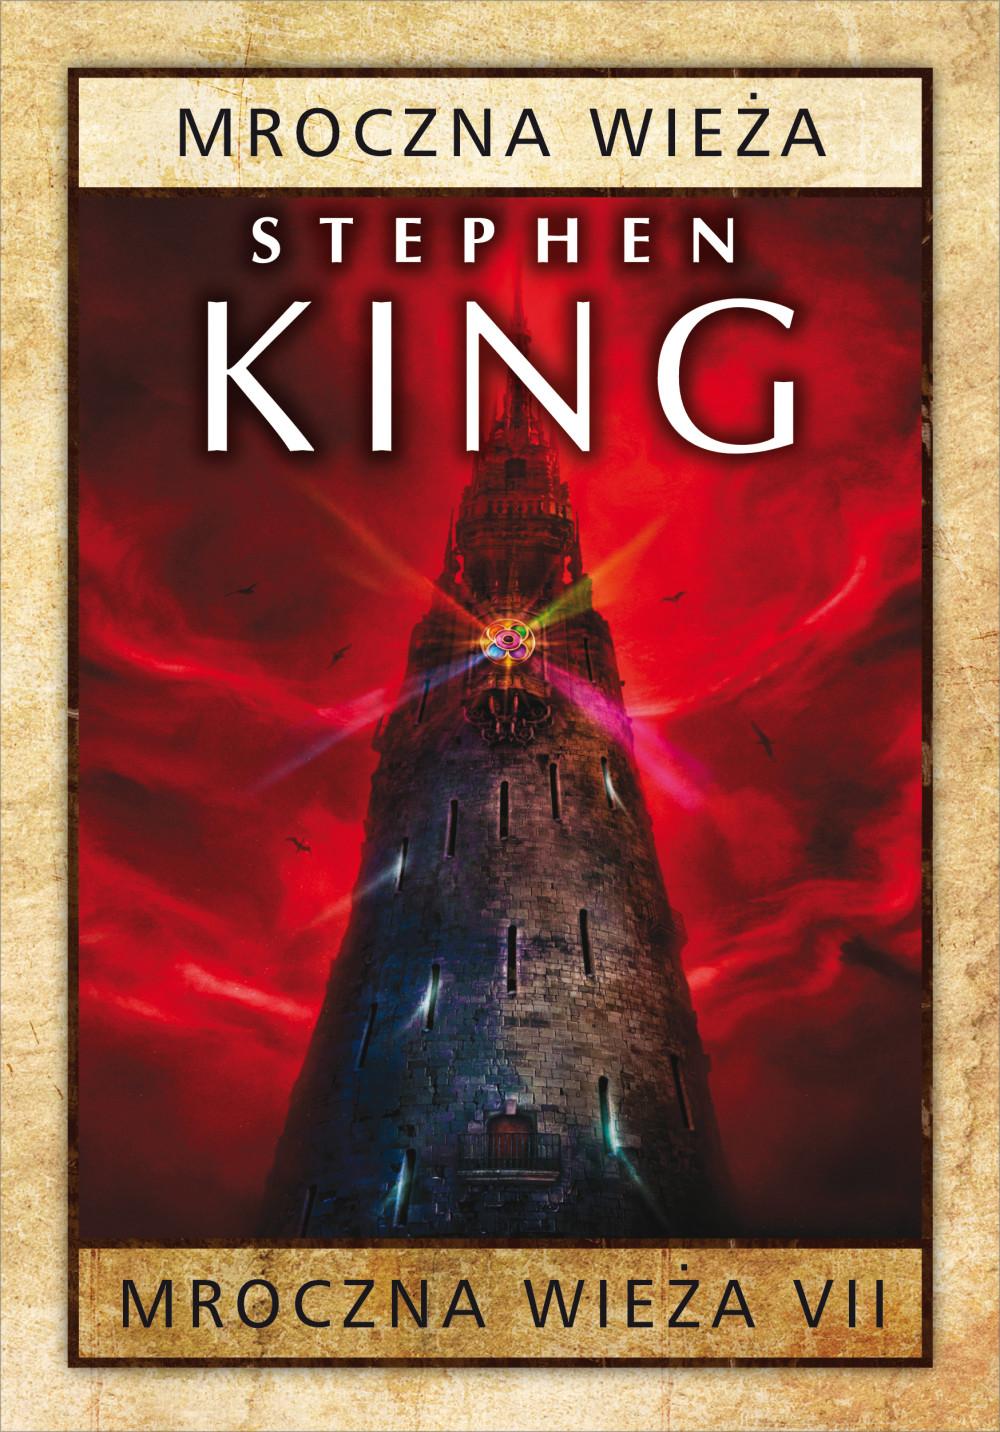 Mroczna Wieża VII: Mroczna Wieża ebook